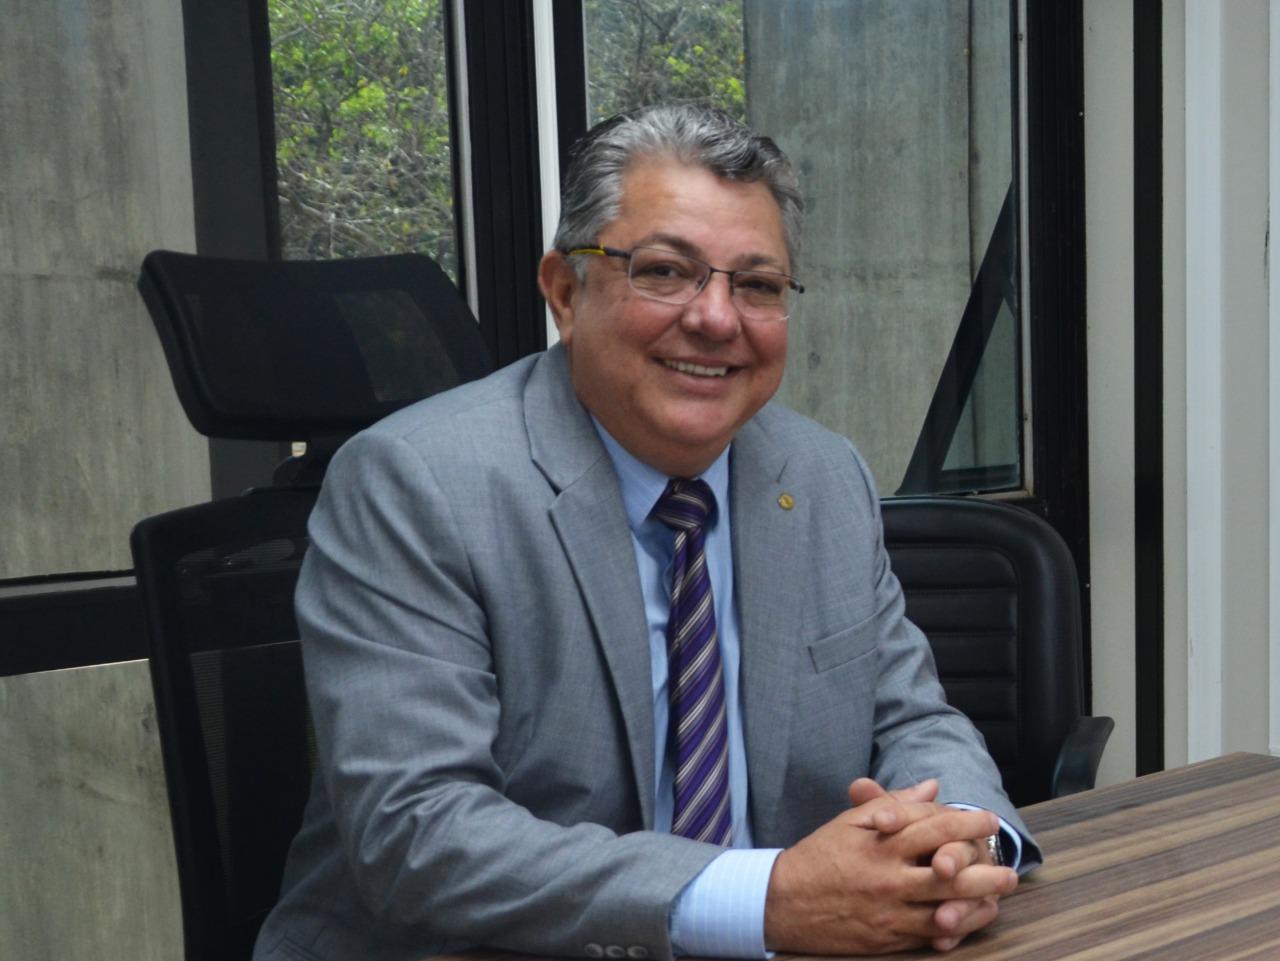 A proposta para criação da nova frente parlamentar foi do deputado Evander Vendramini.